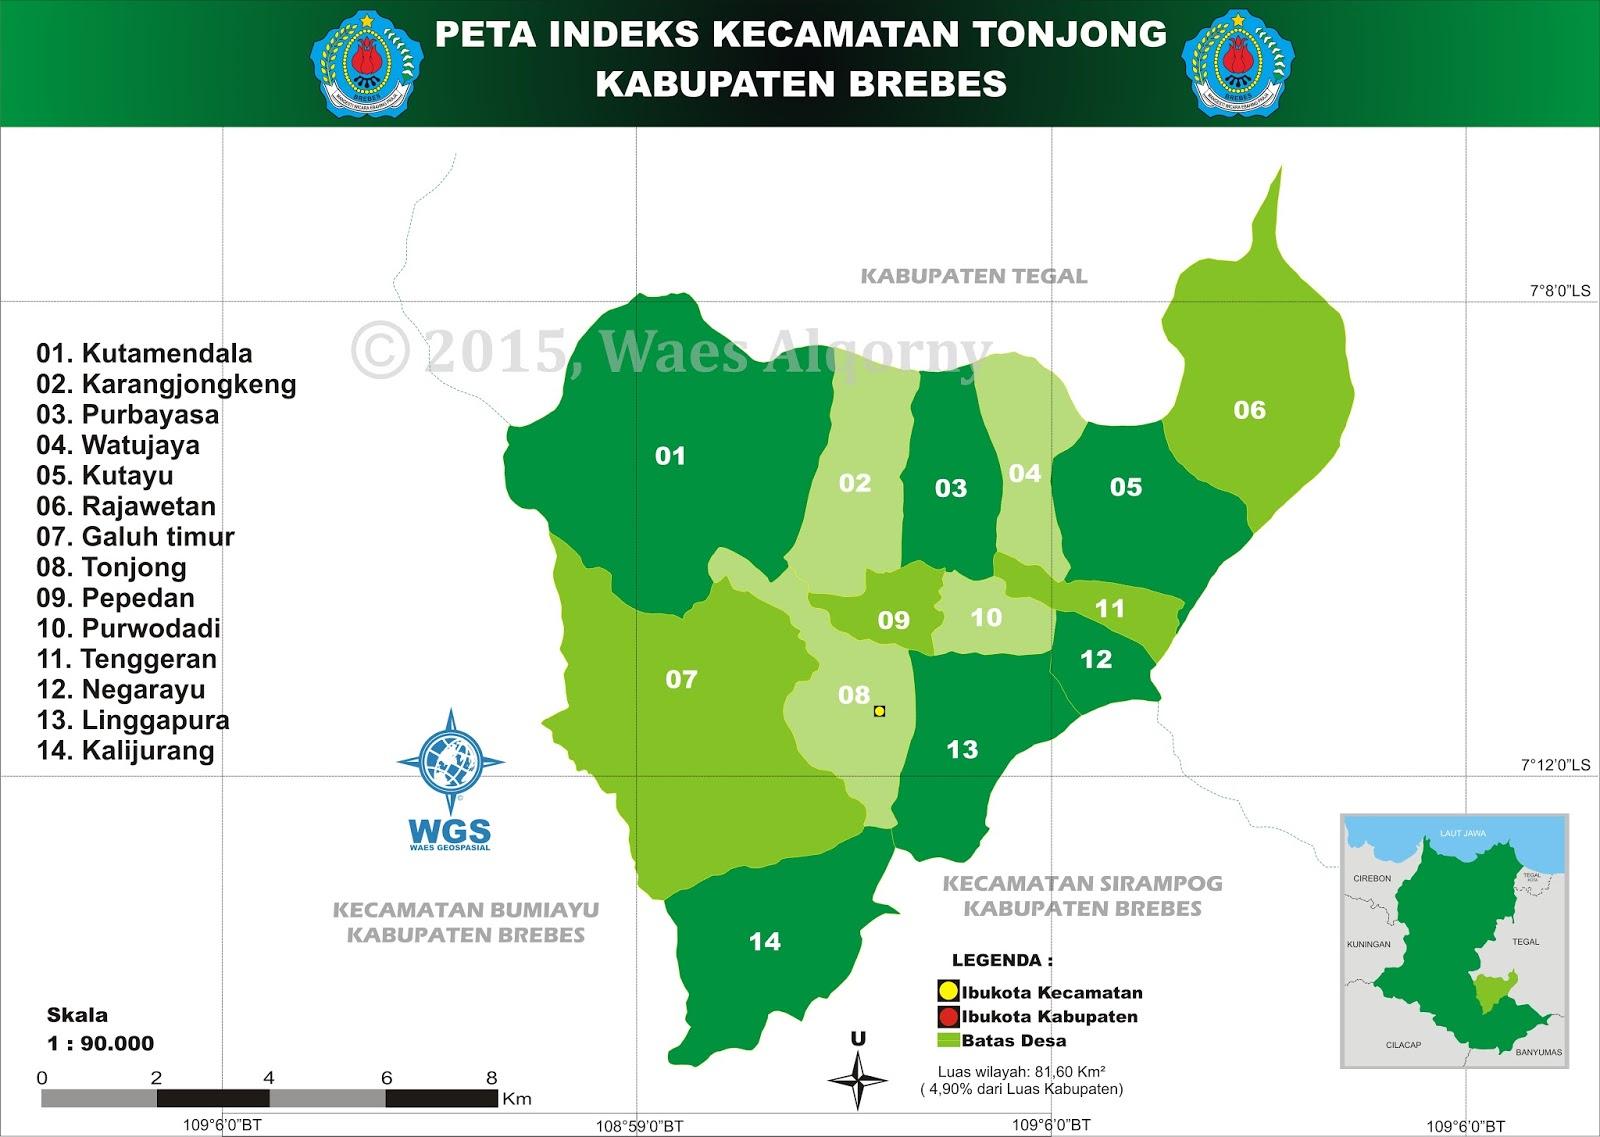 Peta Indeks Kecamatan Tonjong - Brebes - My Diary